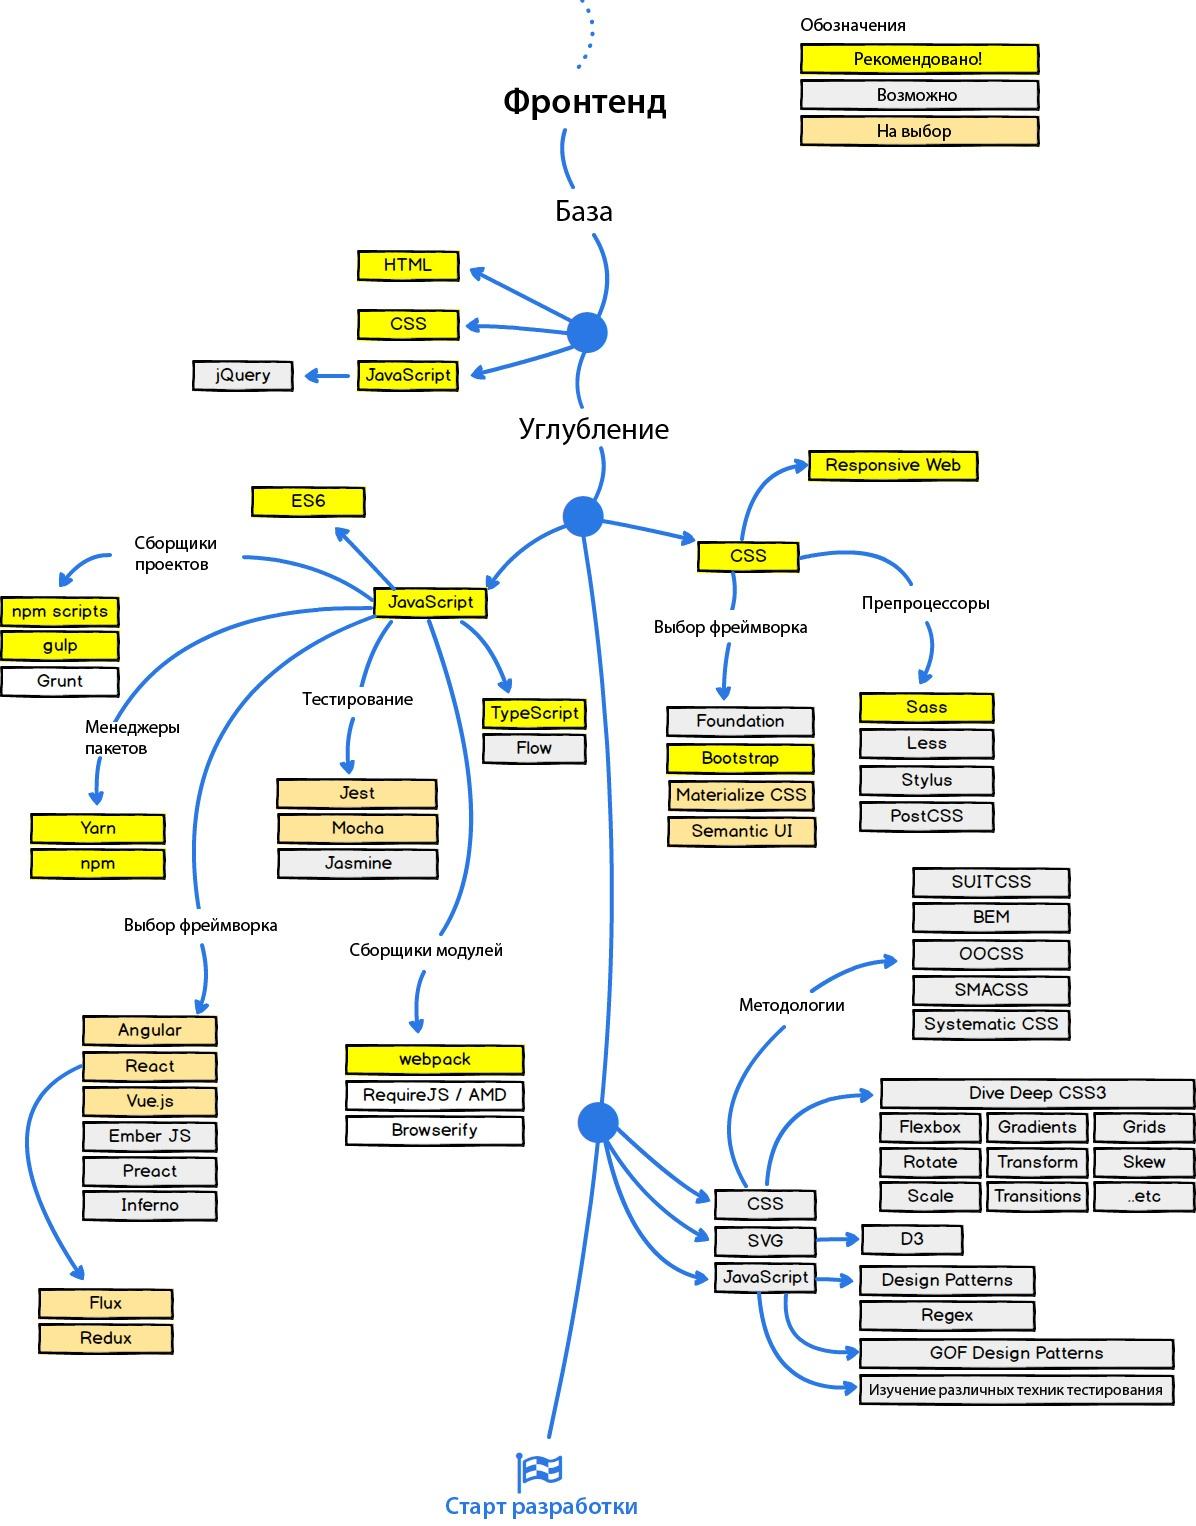 Как стать веб-разработчиком в 2017 году — план действий - 2